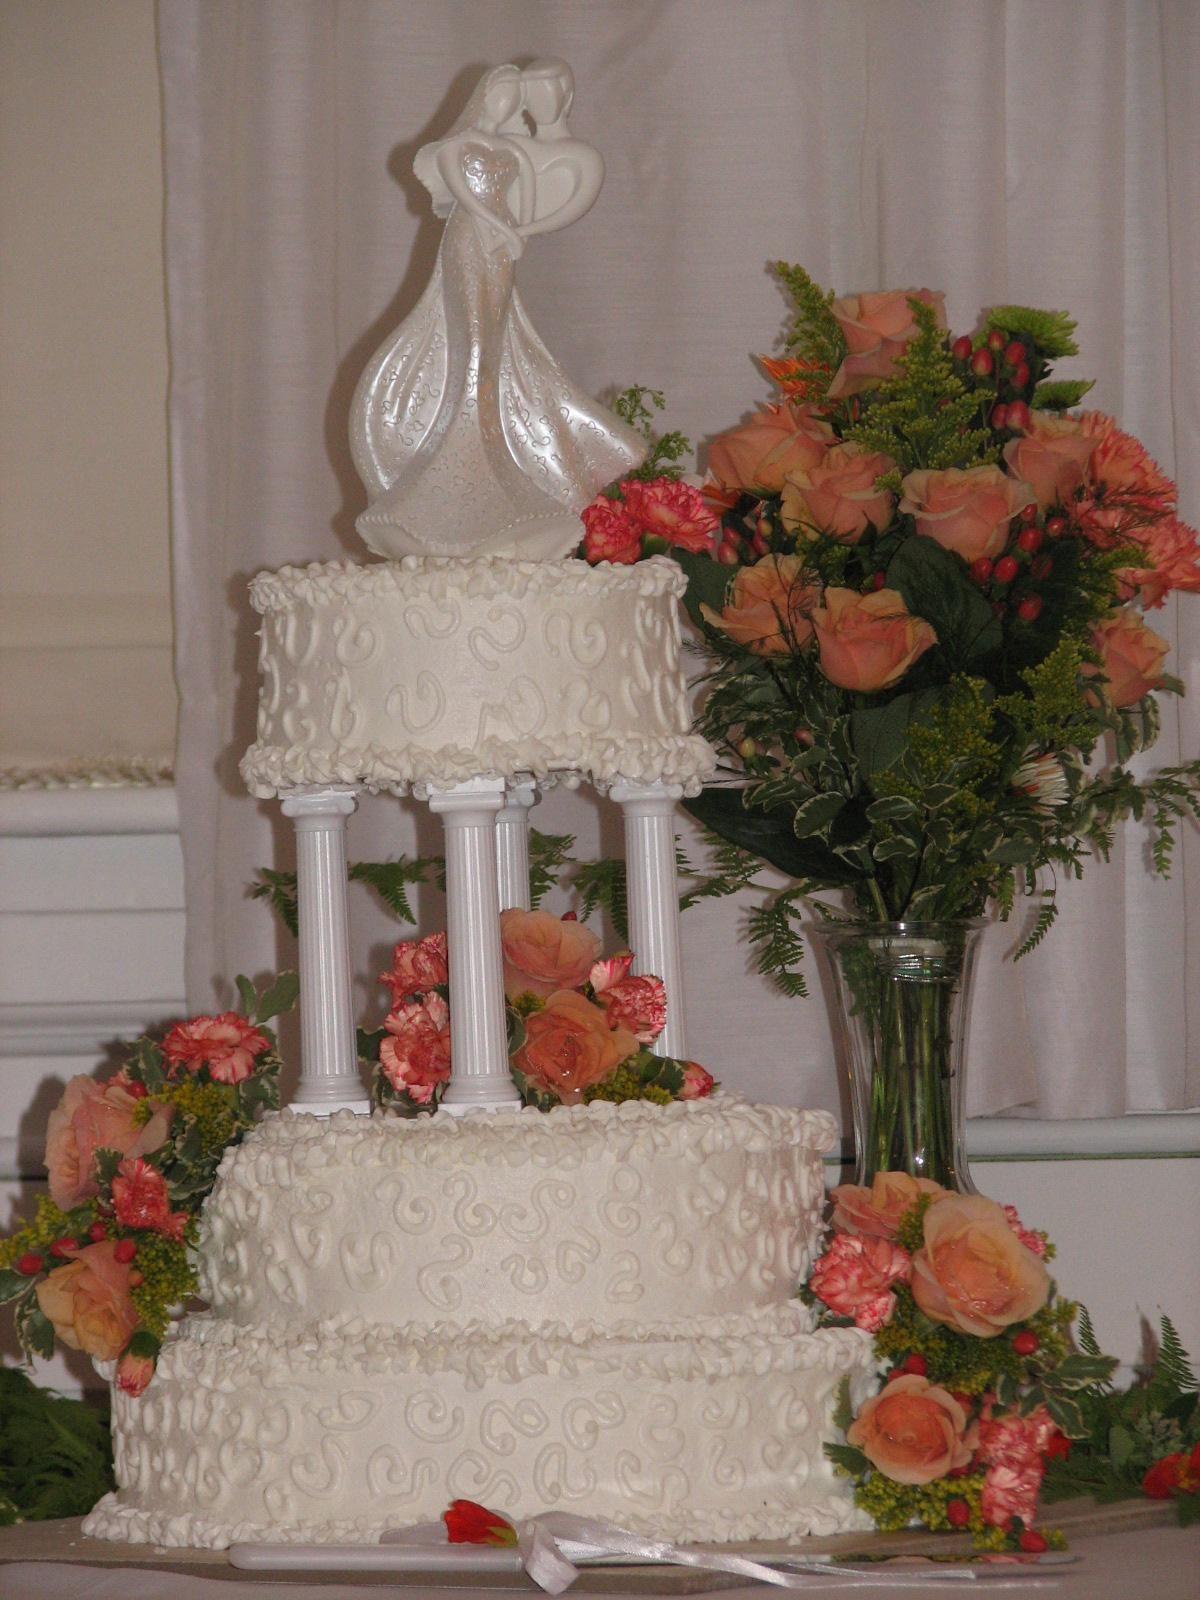 Cake I made for my sons wedding / Log Cabin Baker